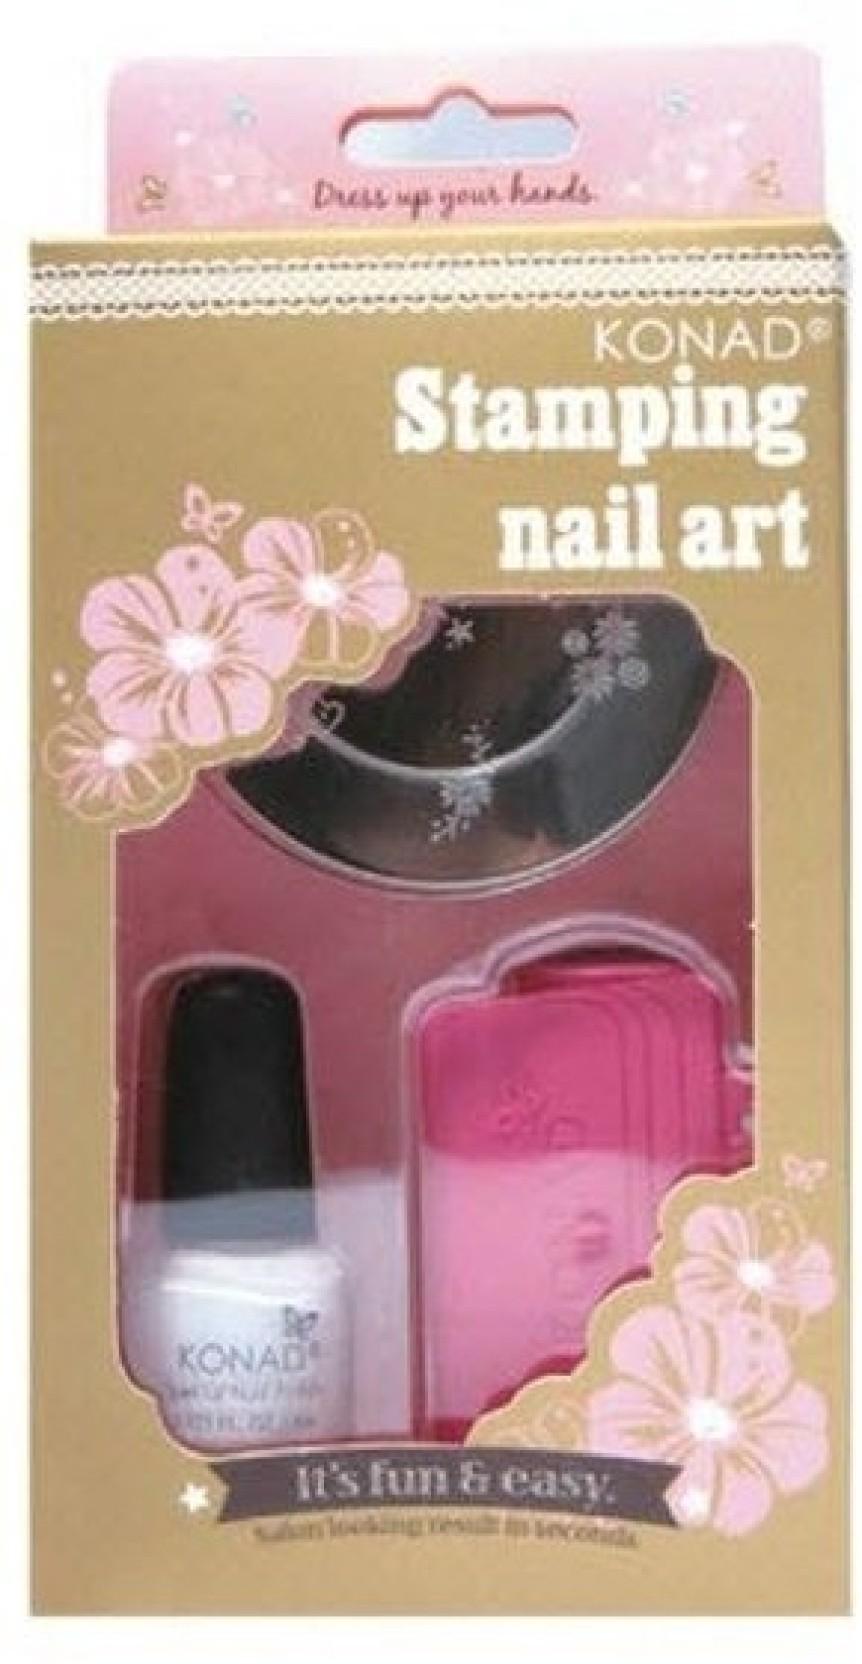 Konad Stamping Nail Art Kit Stamping Set Price In India Buy Konad Stamping Nail Art Kit